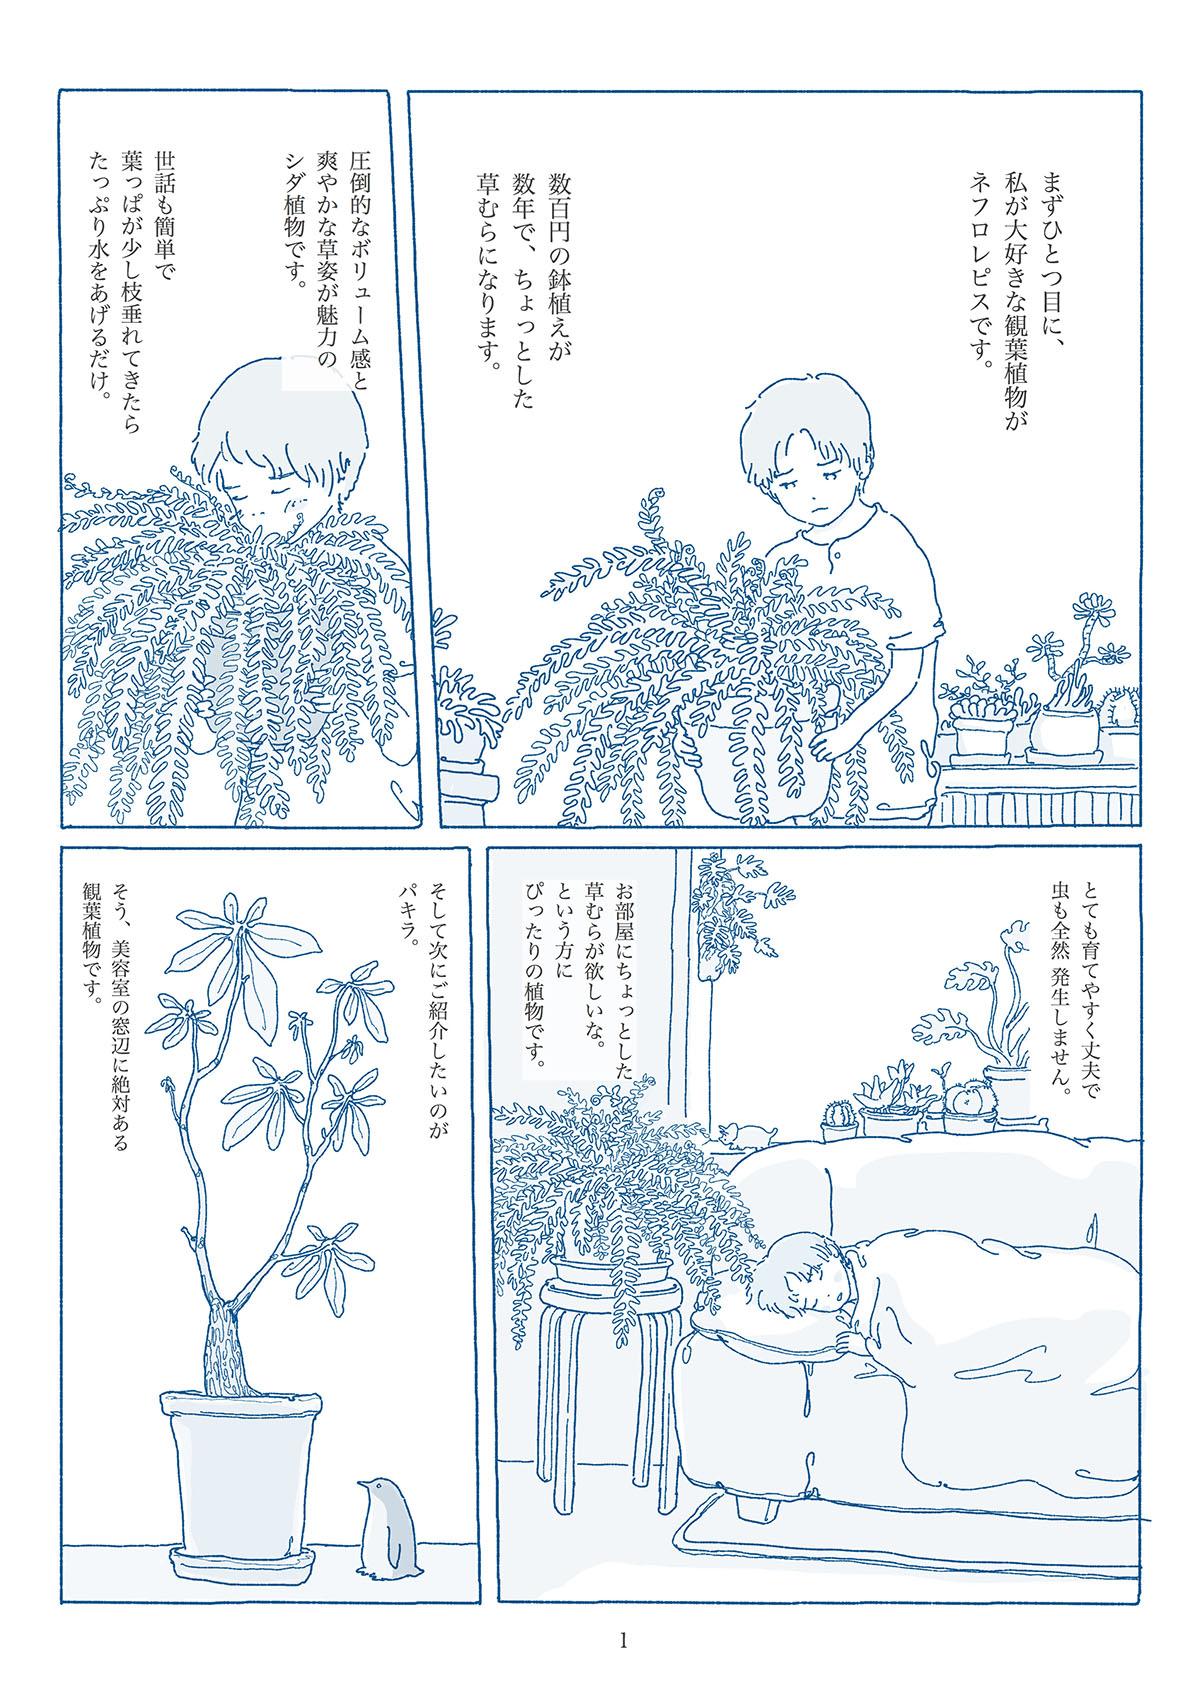 お気に入りの観葉植物の漫画1ページ目